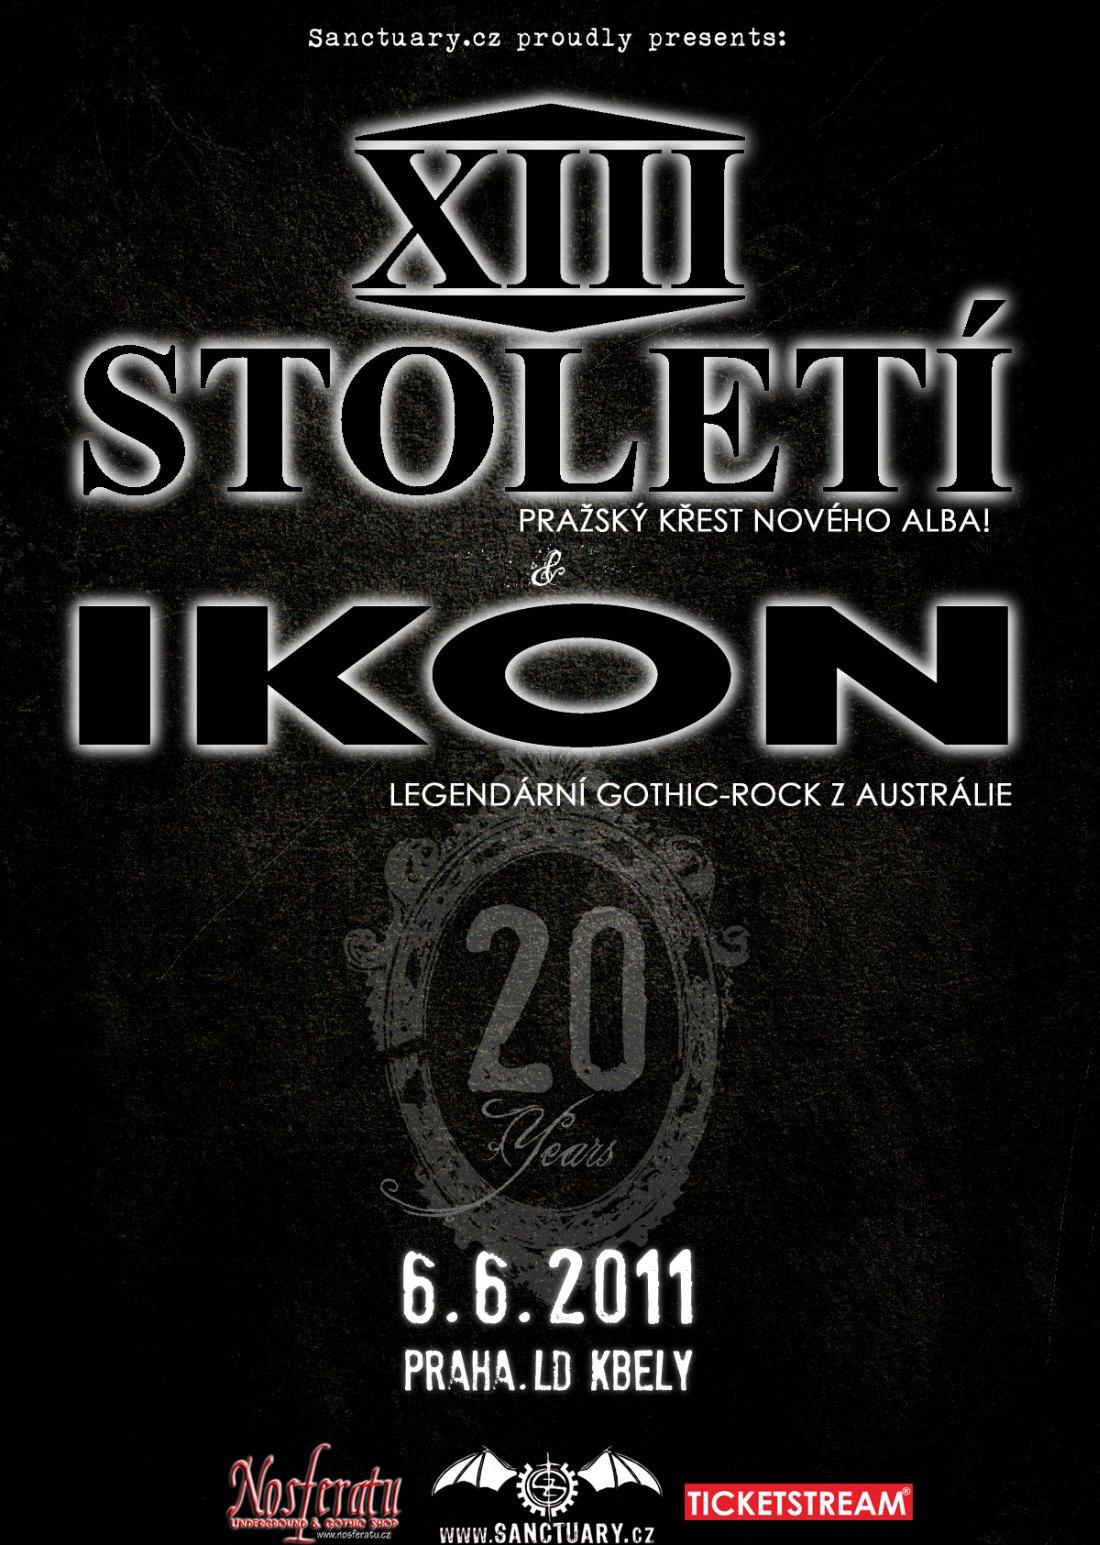 xiii_stoleti_a_ikon-_web_1305016180